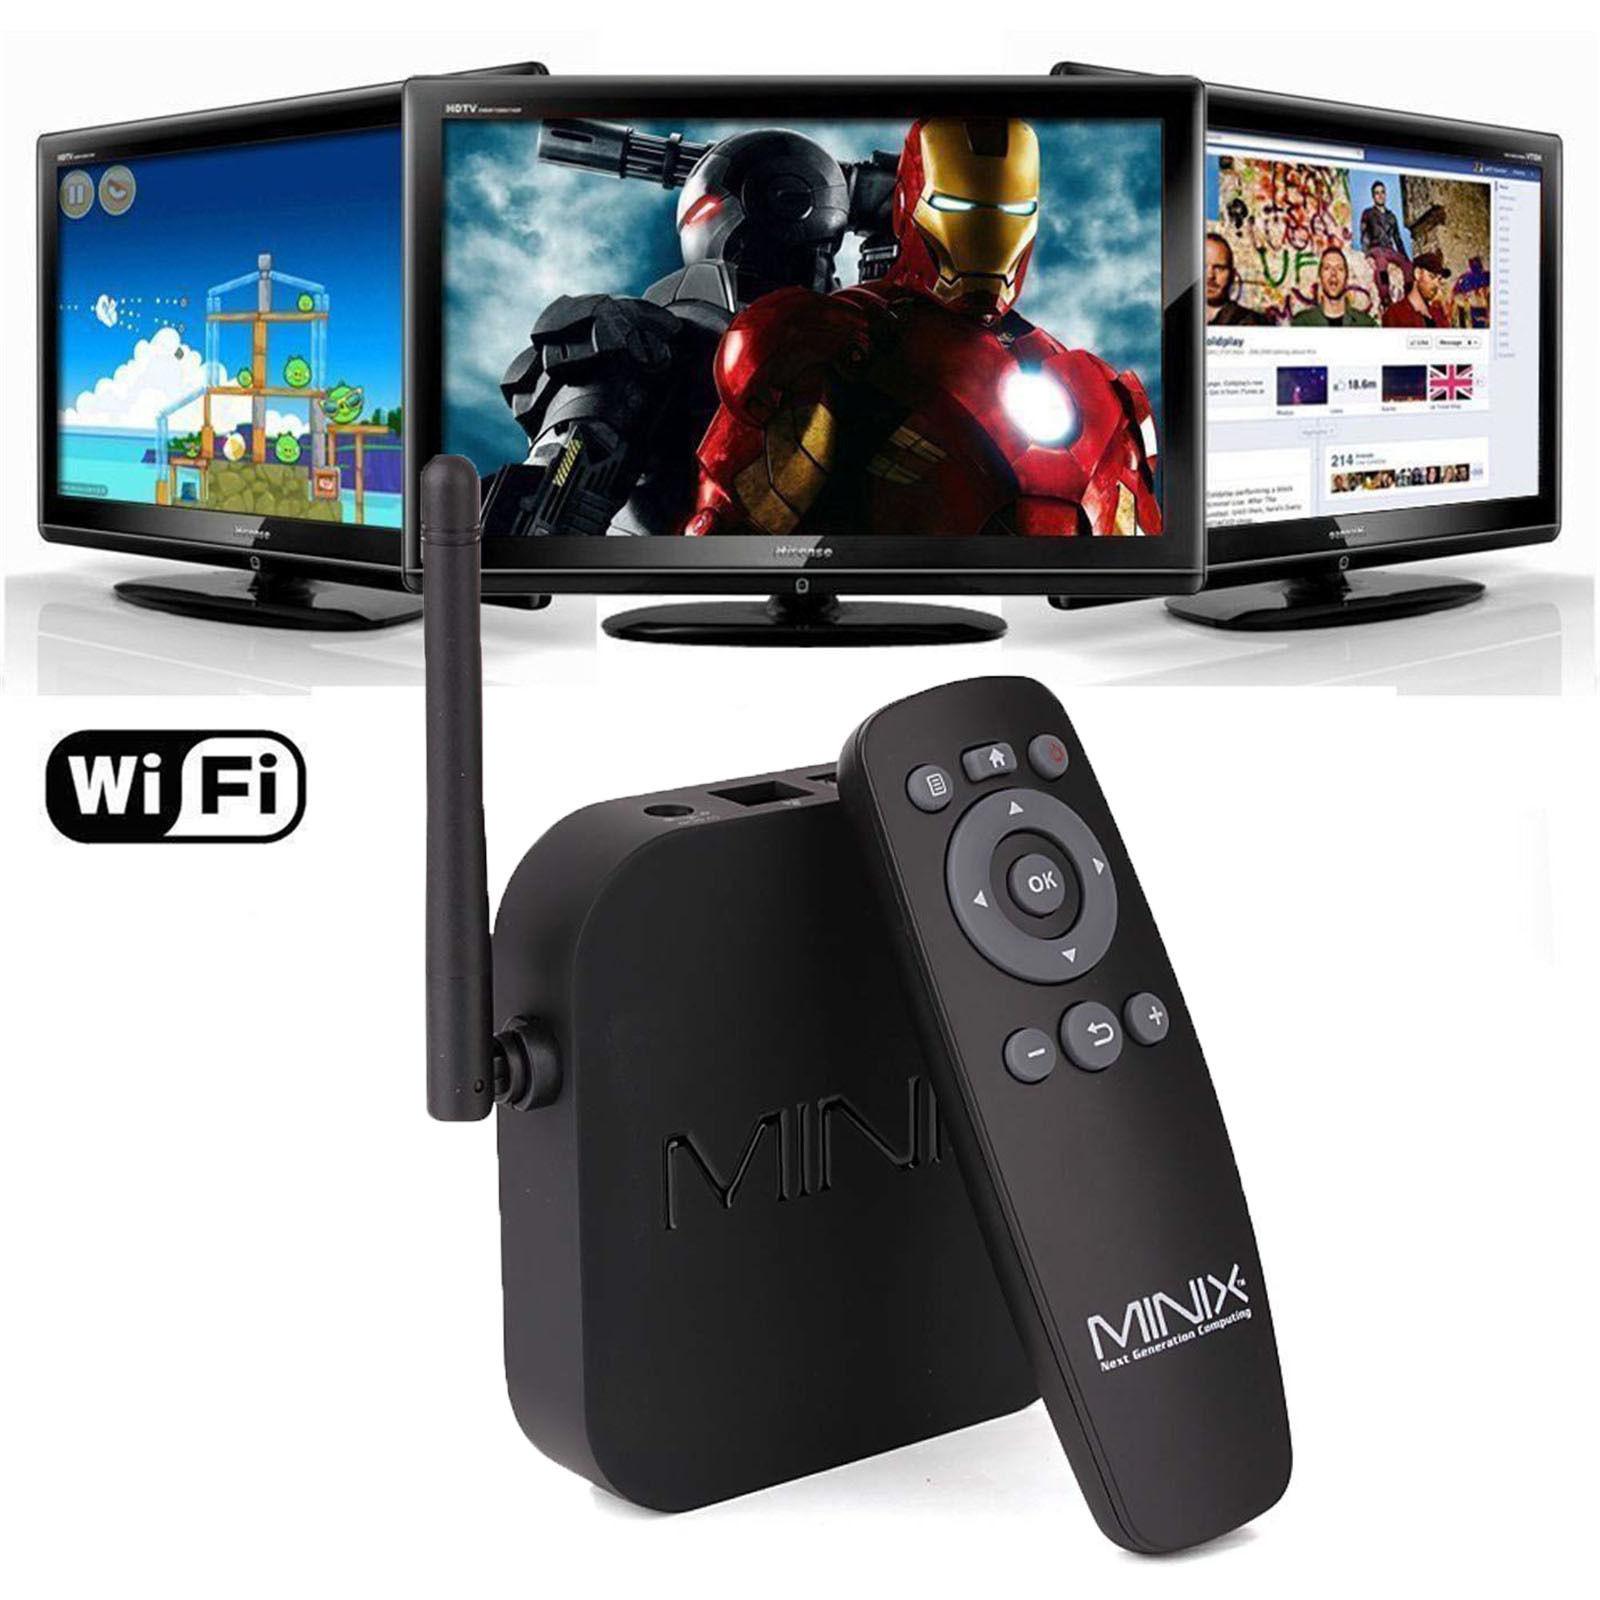 Minix Neo X7 Quad Core Tv Box Mini Pc With Wifi Hdmi Rj45 Bluetooth Ram Smart Ddr3 2gb